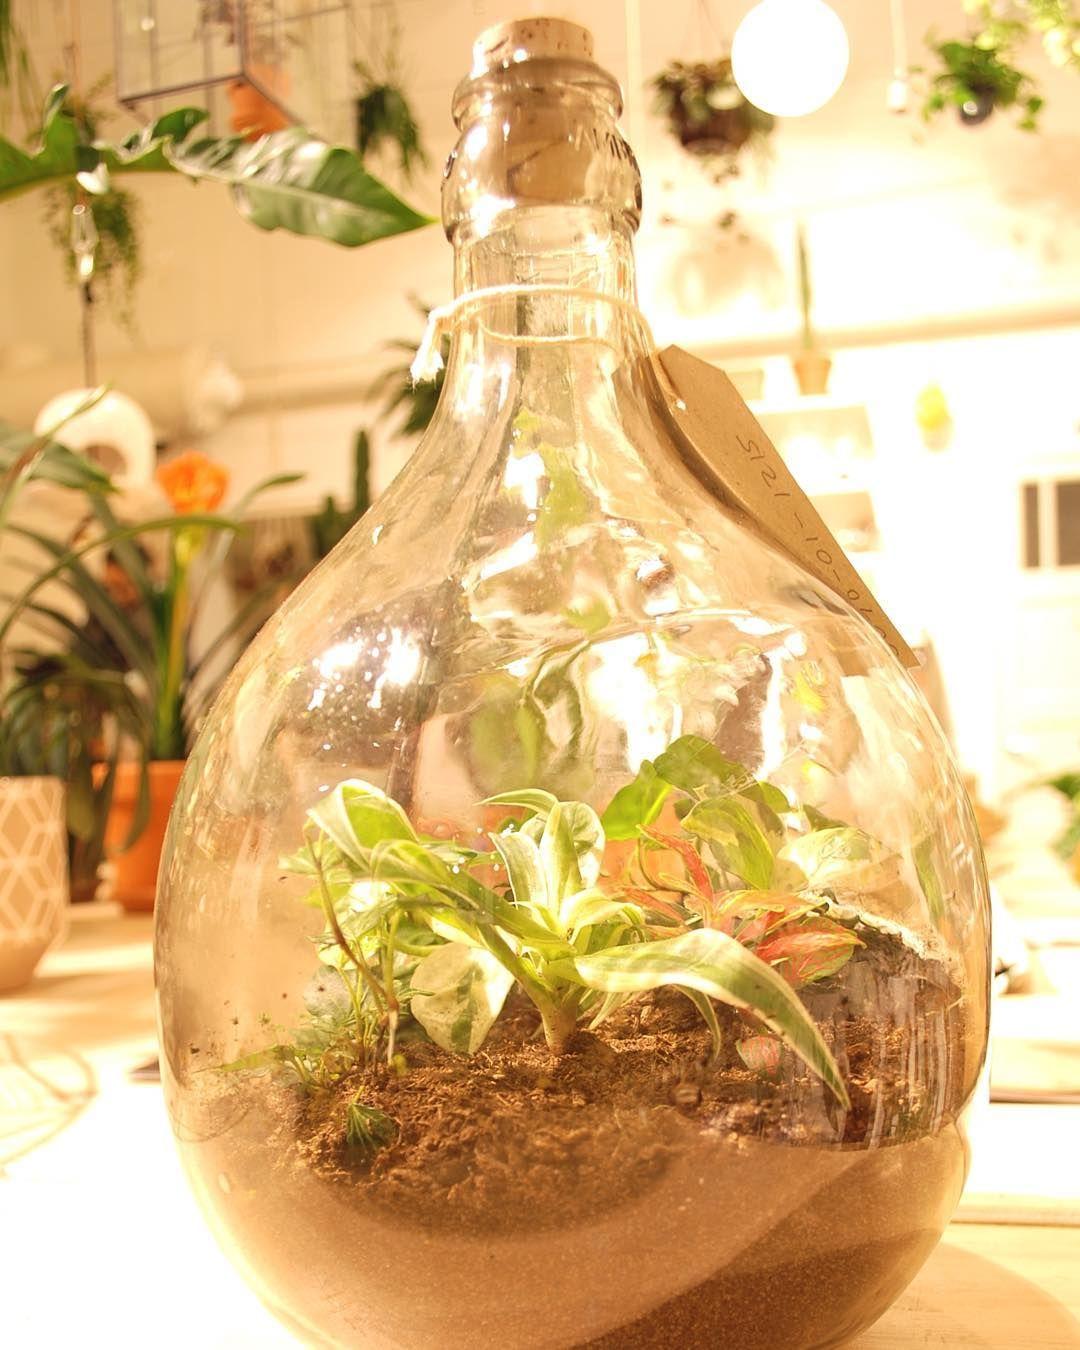 Garden In A Bottle From Flessengroen